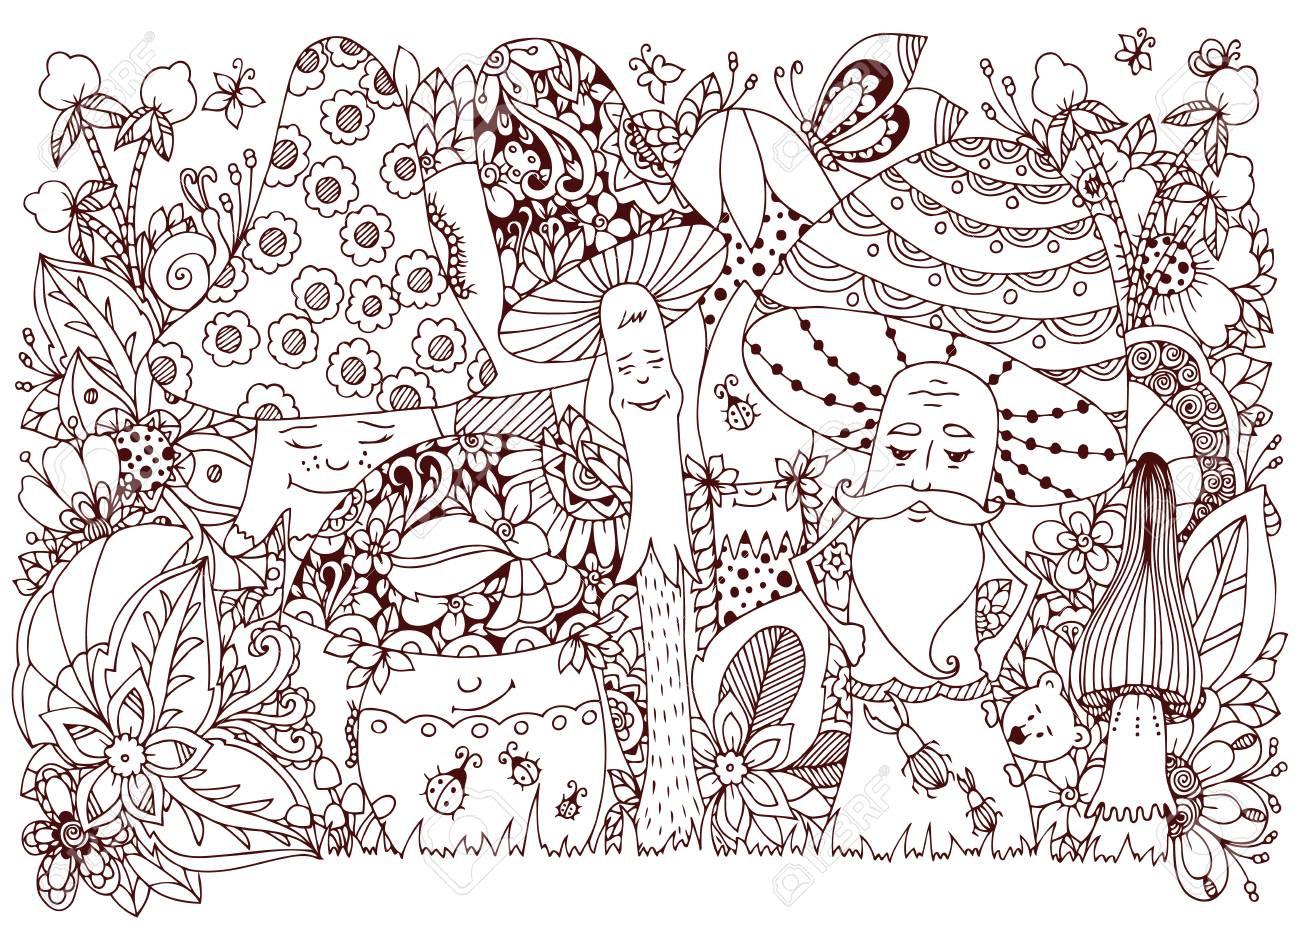 Illustration Vectorielle Enchevêtrement Zen De Champignons Dans La Forêt.  Dessin Animé, Doodle, Floral. Livre De Coloriage Anti Stress Pour Les à Dessin De Foret